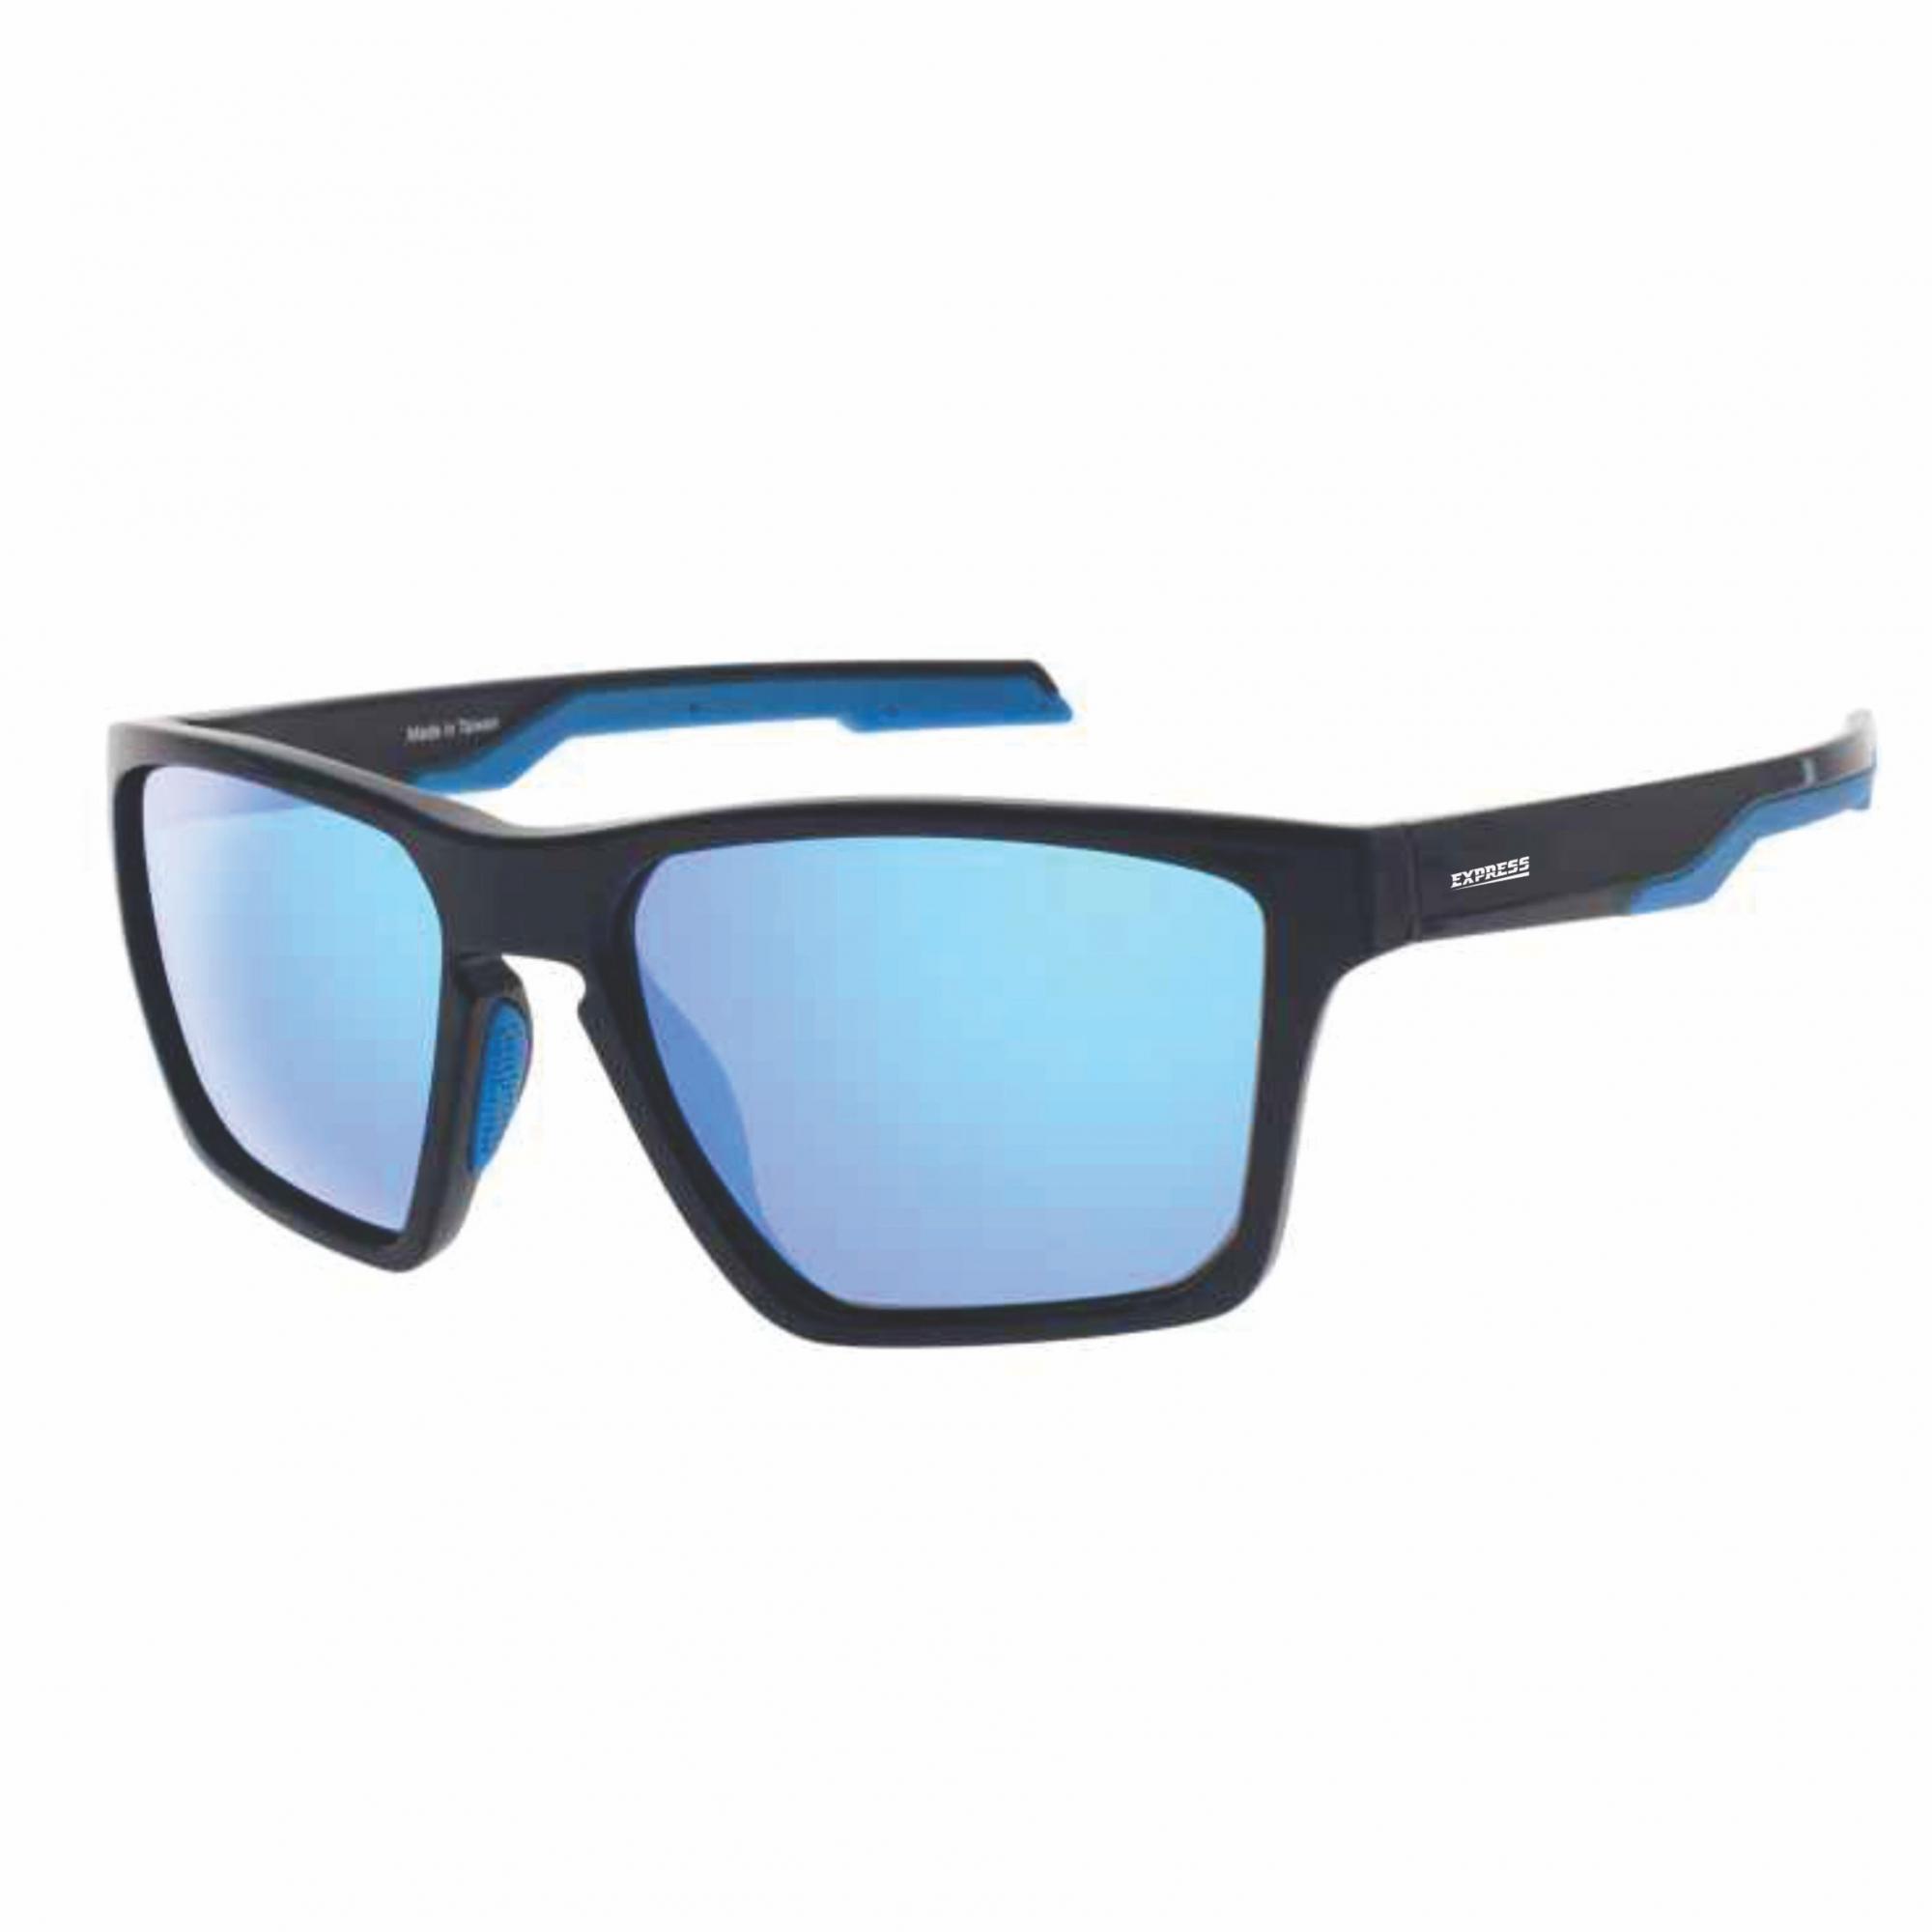 Óculos de Sol Polarizado Express Anchova Azul Espelhado